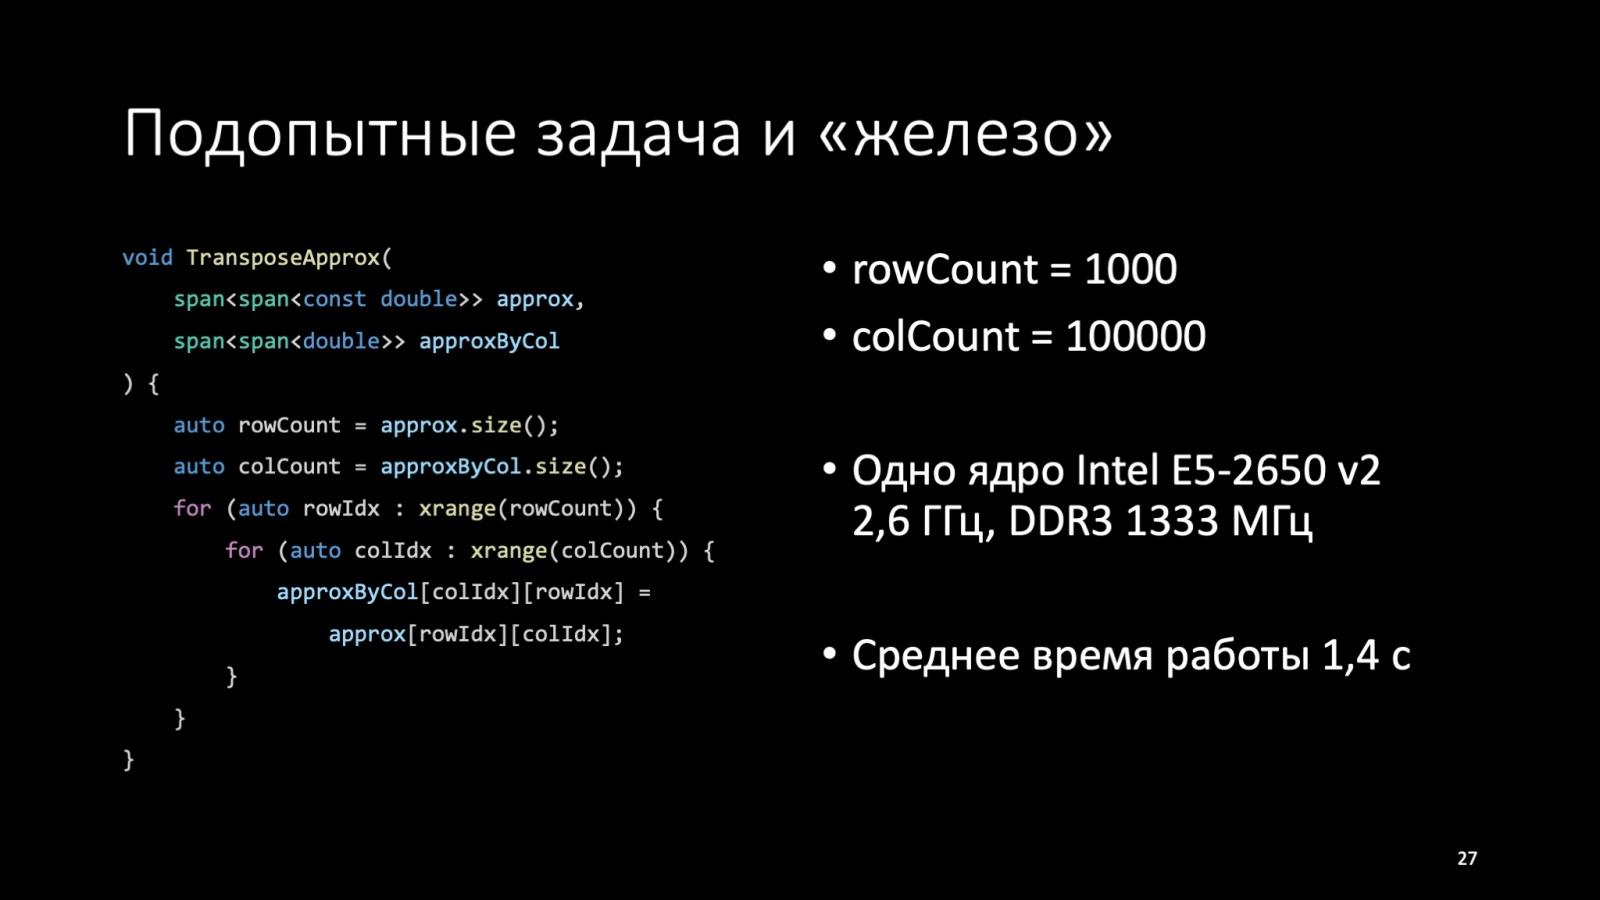 Оптимизация C++: совмещаем скорость и высокий уровень. Доклад Яндекса - 27